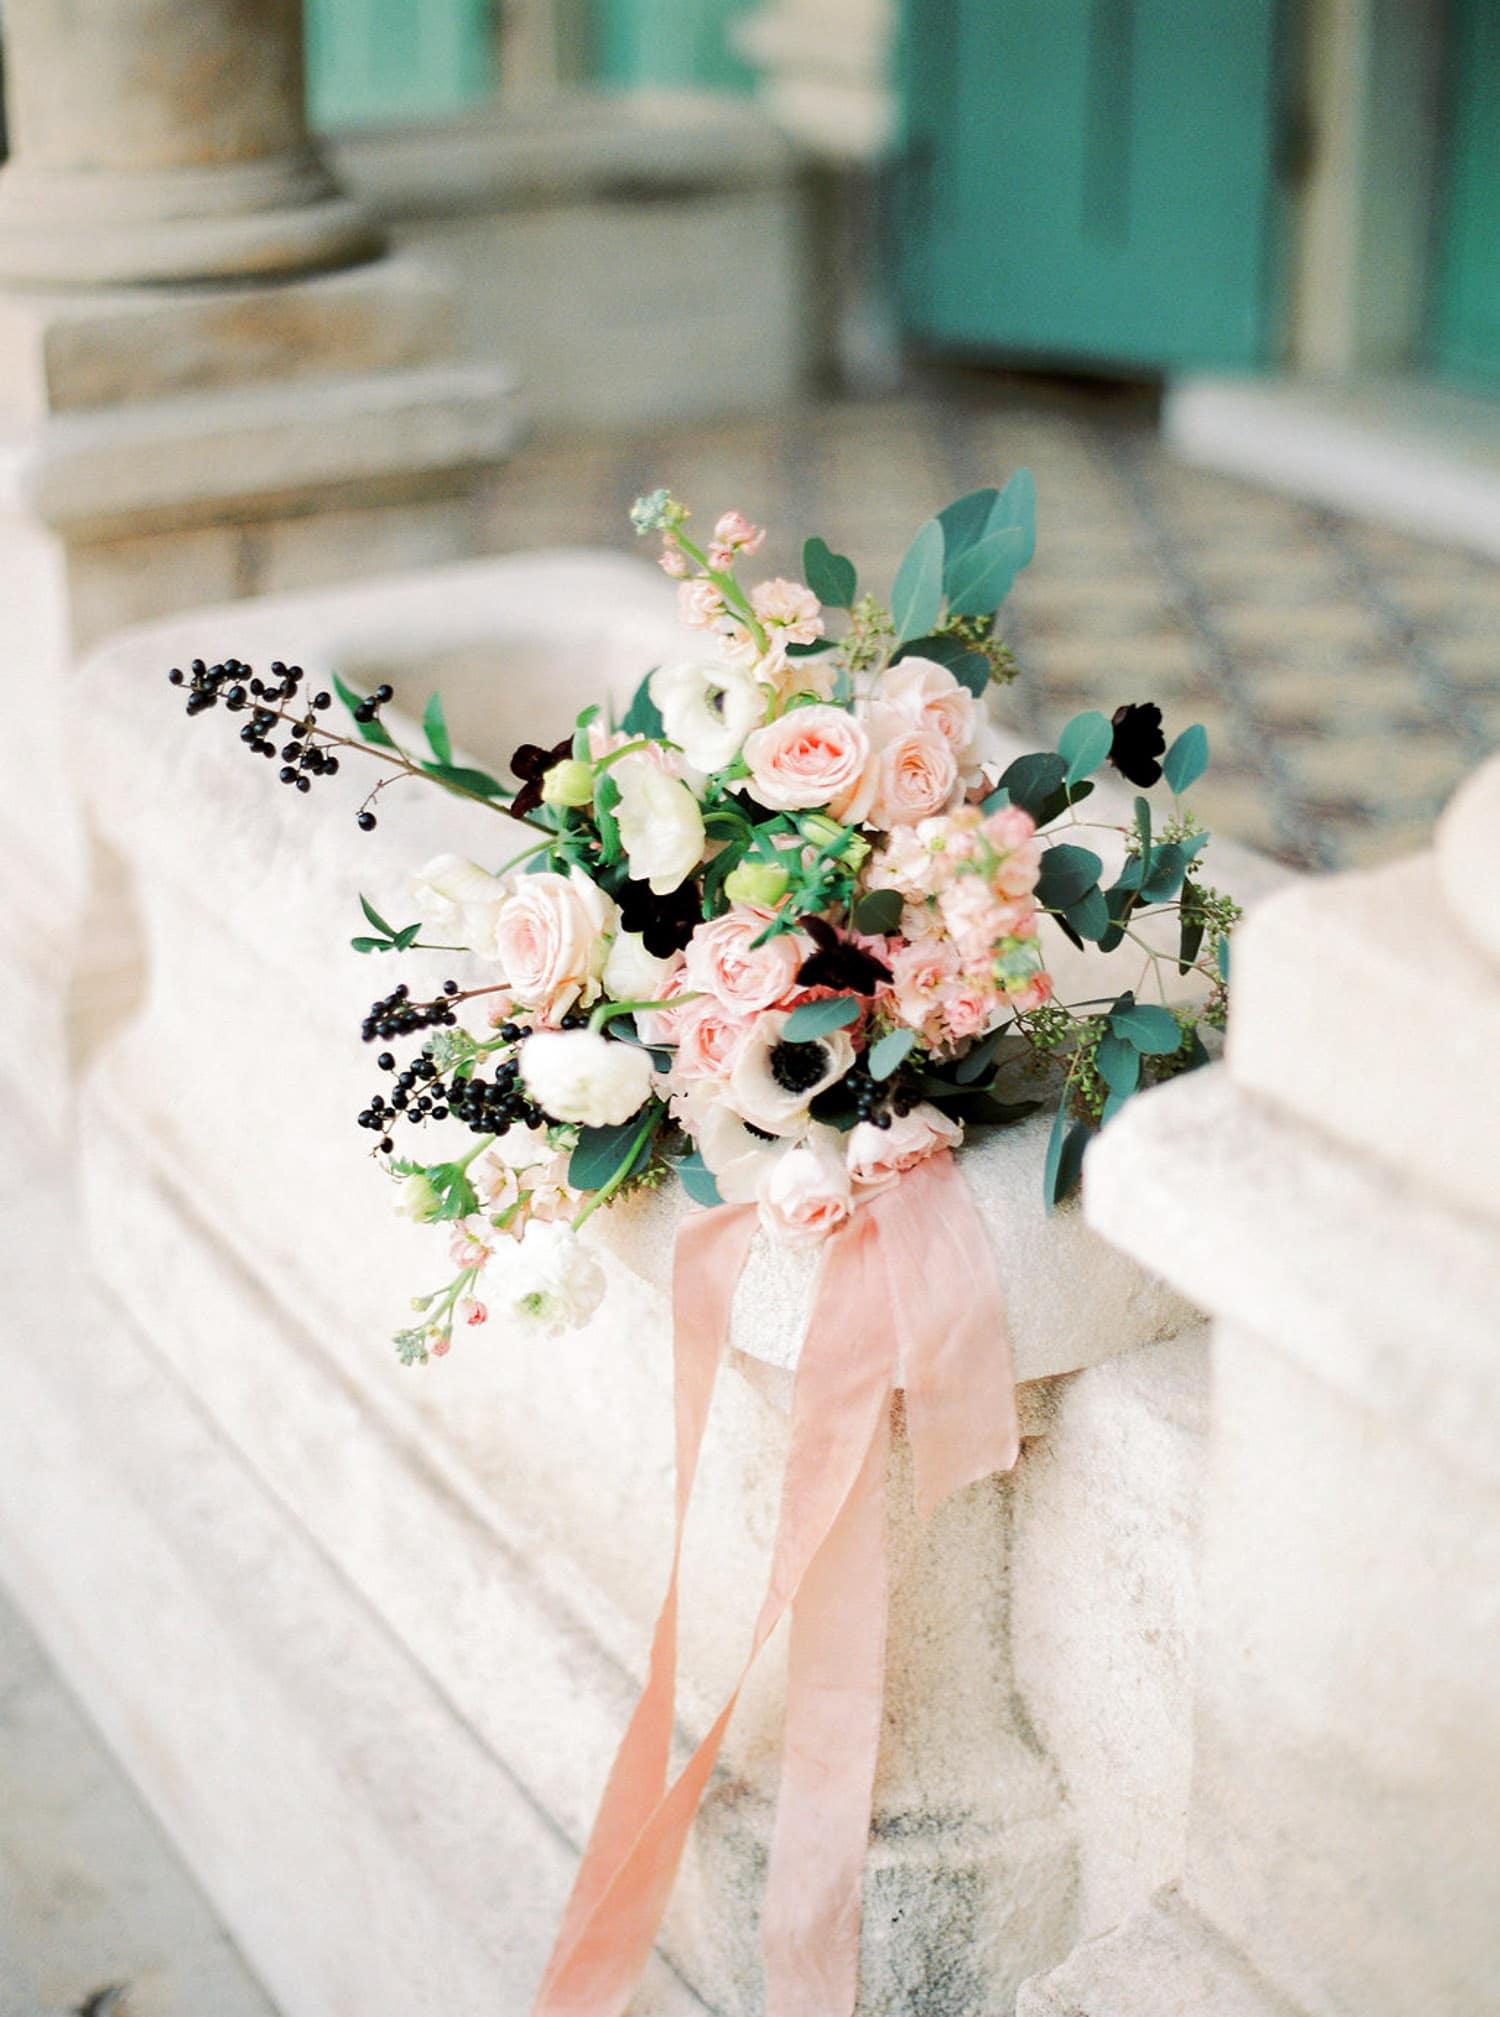 bridal bouquet, fineart flowers, fineart florist, luxury florist, french riviera florist, veronique lorre, anemones, roses, romantic bouquet